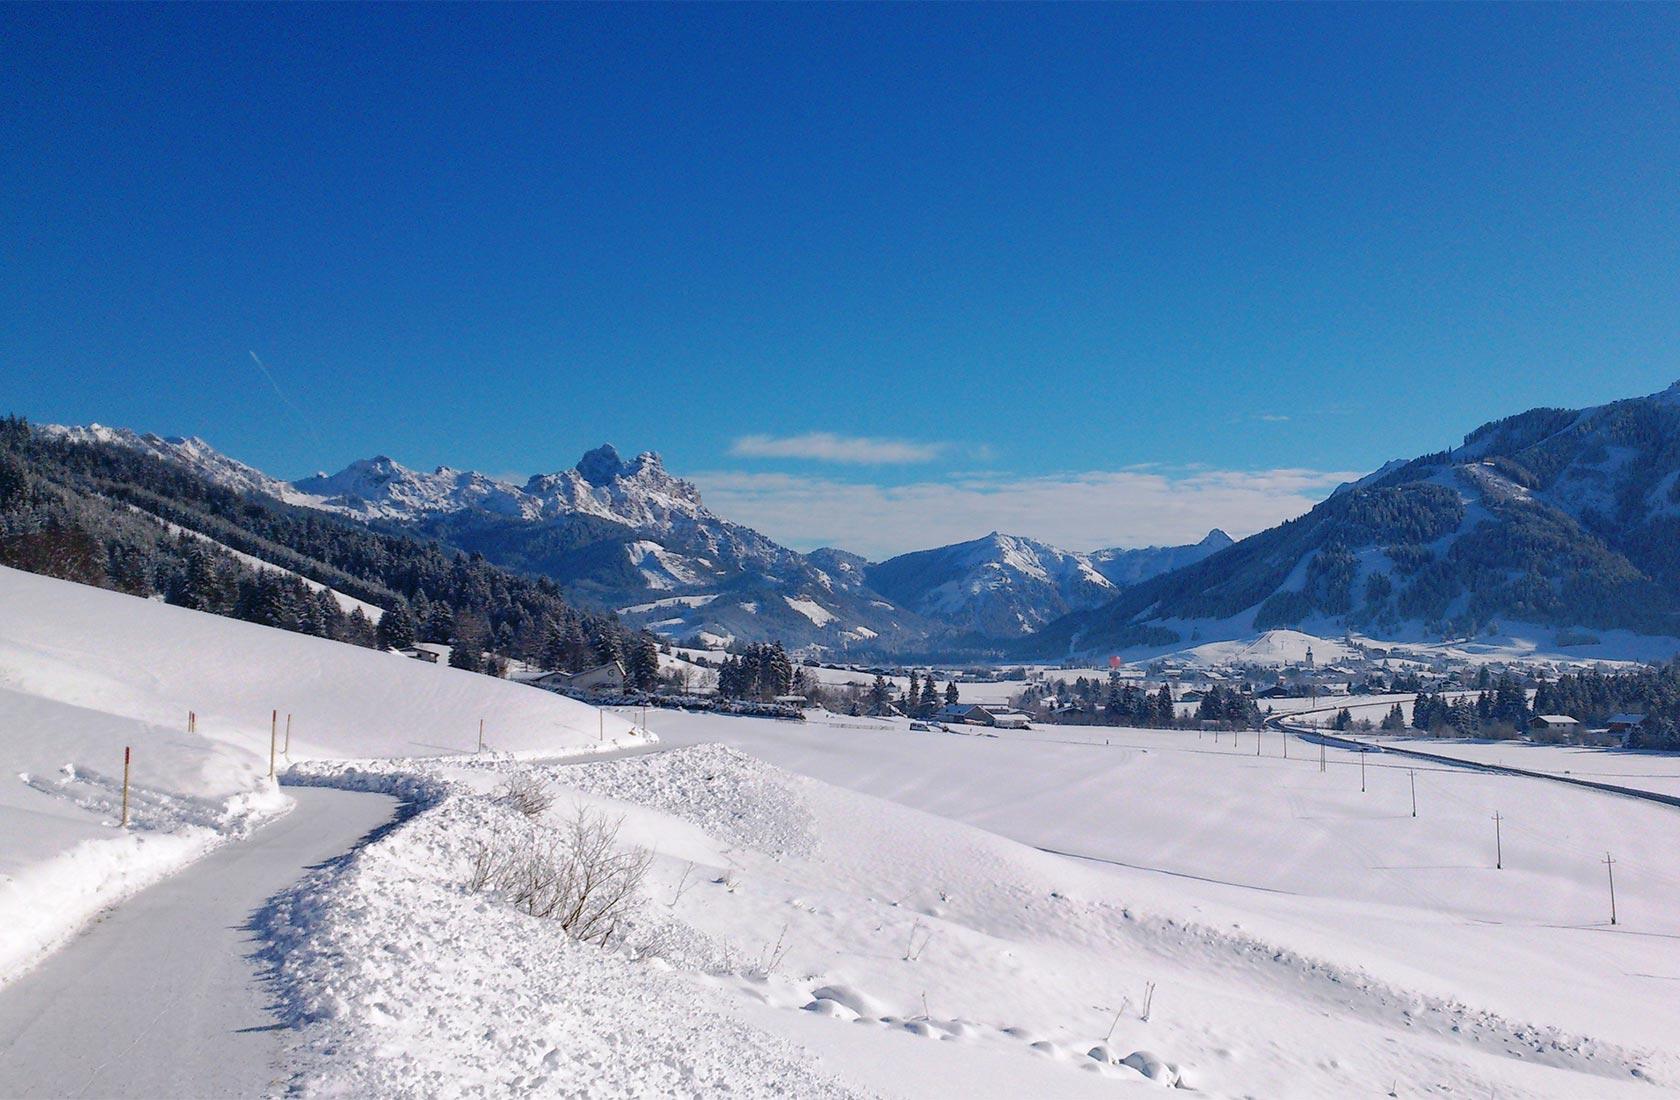 Winter Urlaub mit wandern im Tannheimer Tal in Tirol